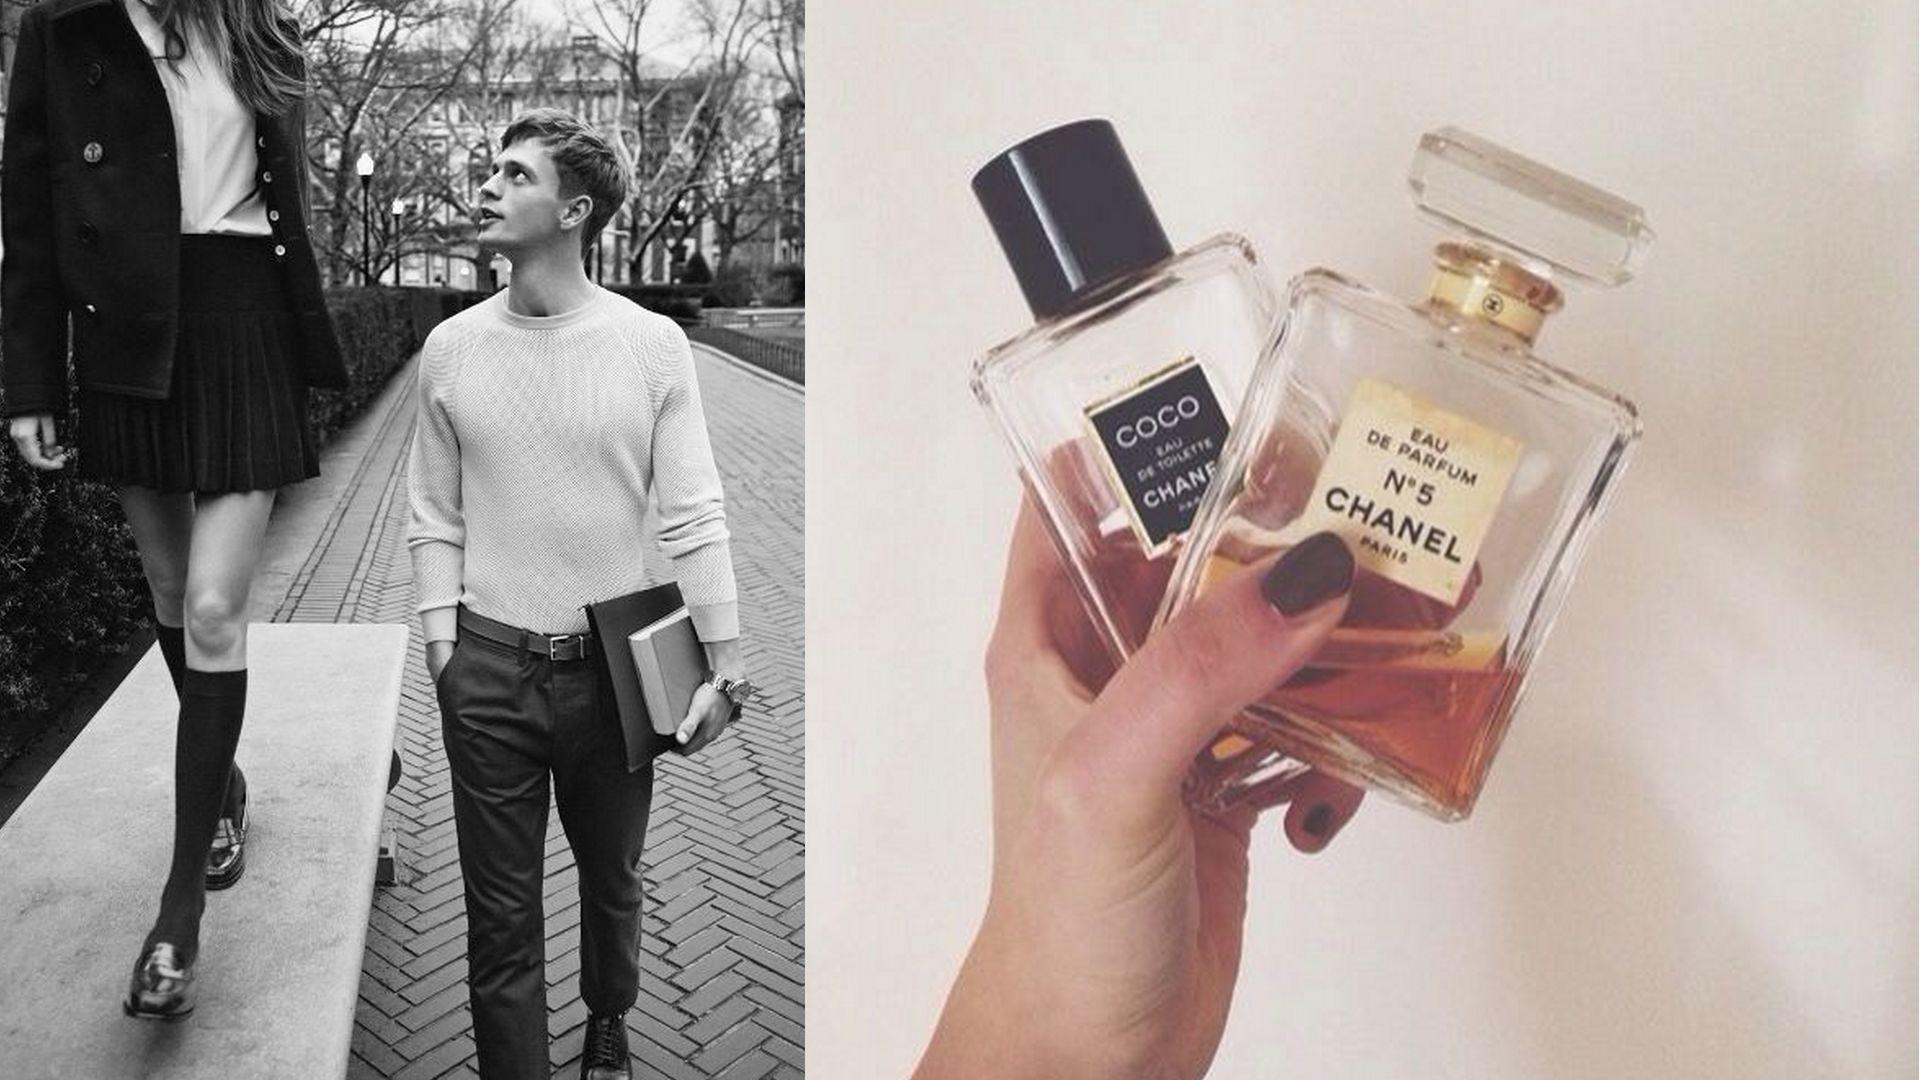 jakie perfumy podobają się mężczyznom